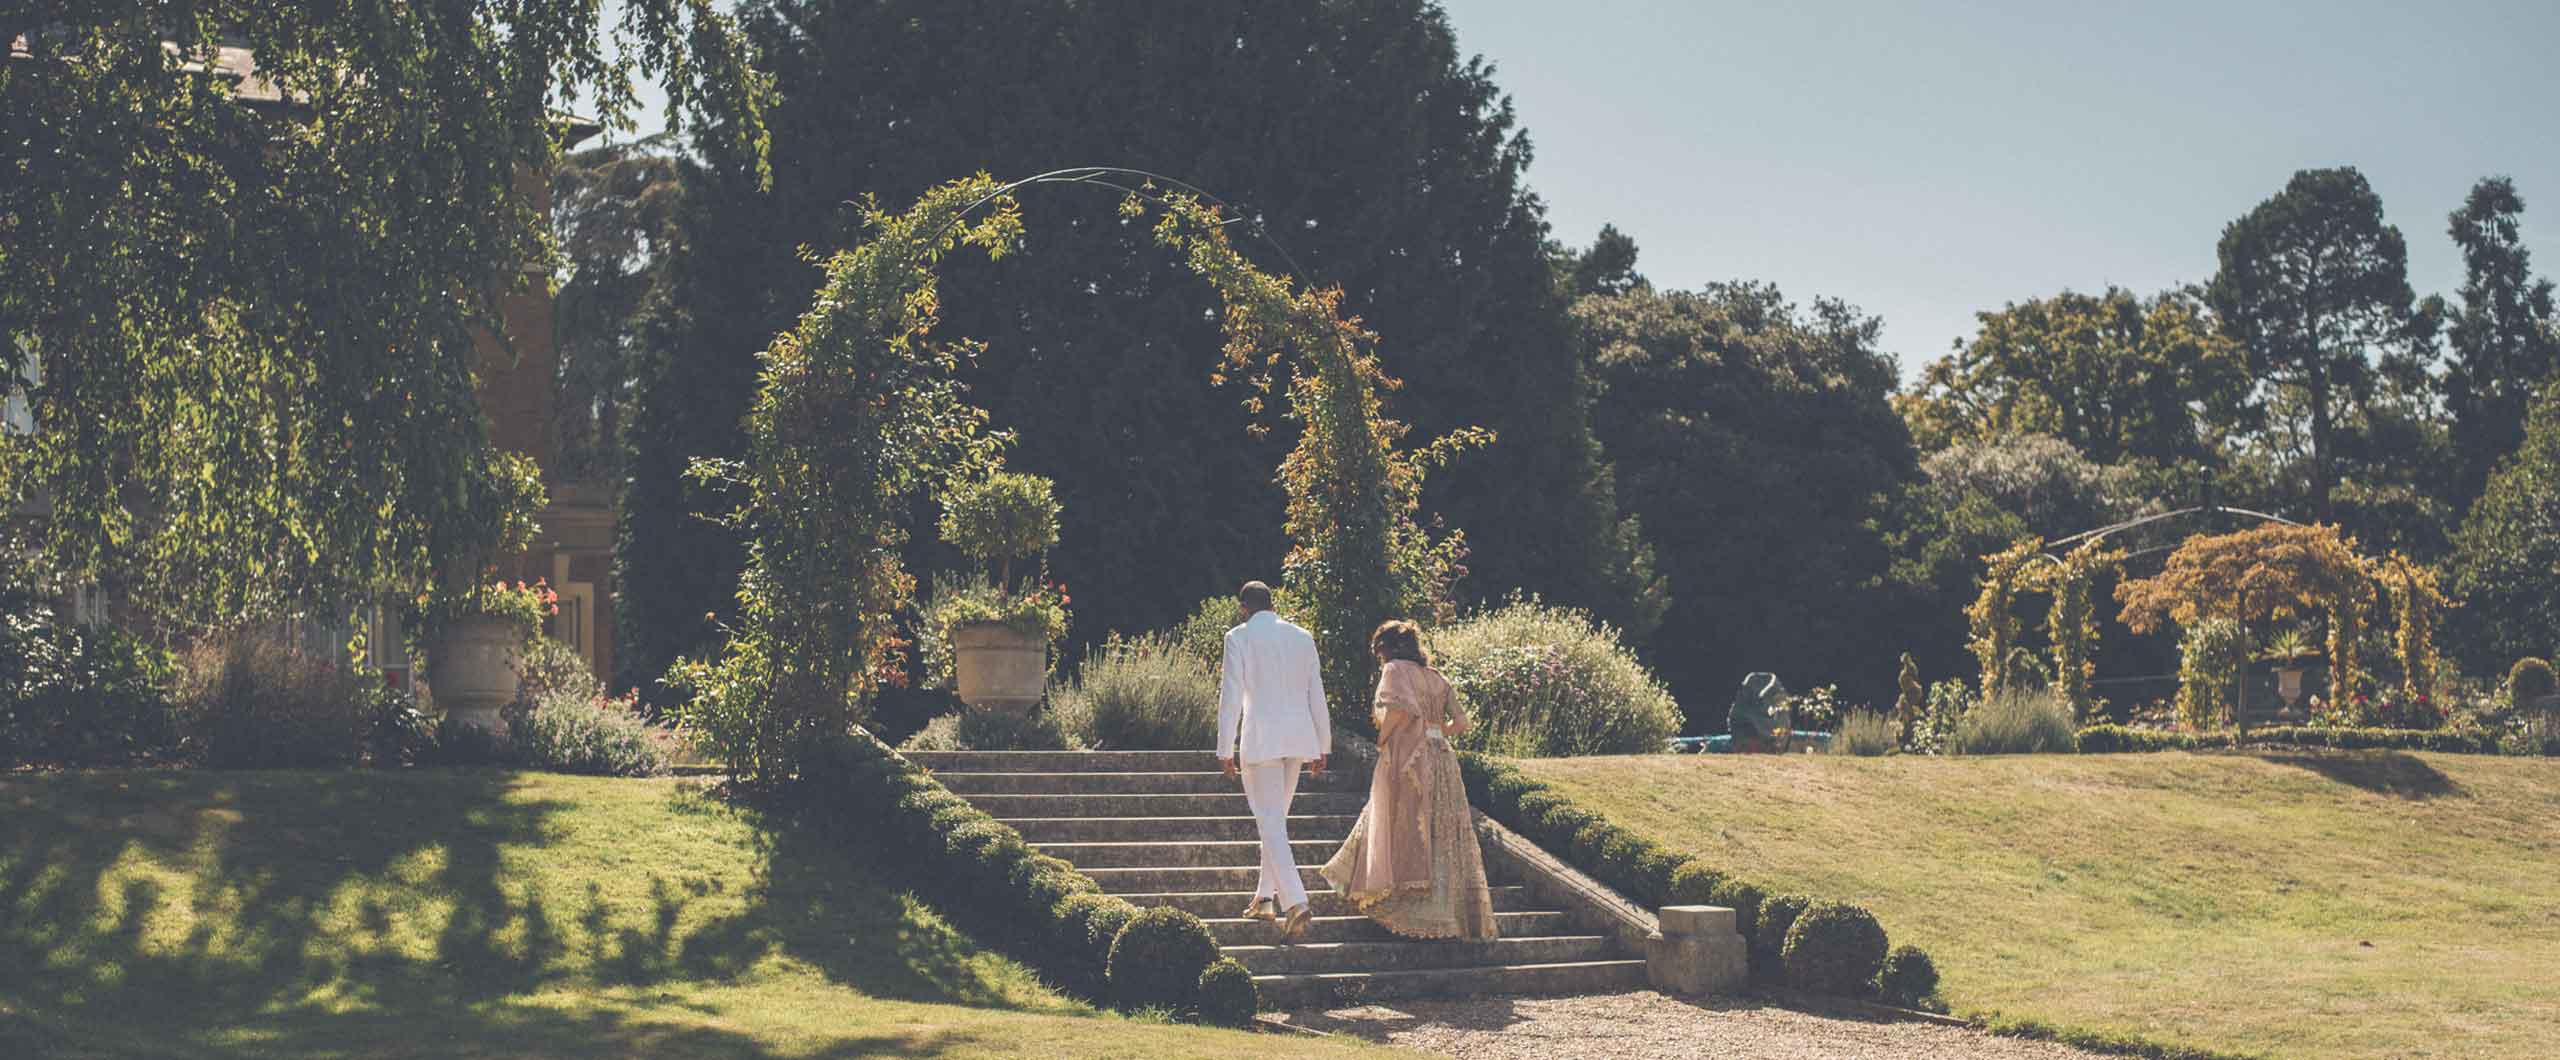 Our wedding venue in Surrey